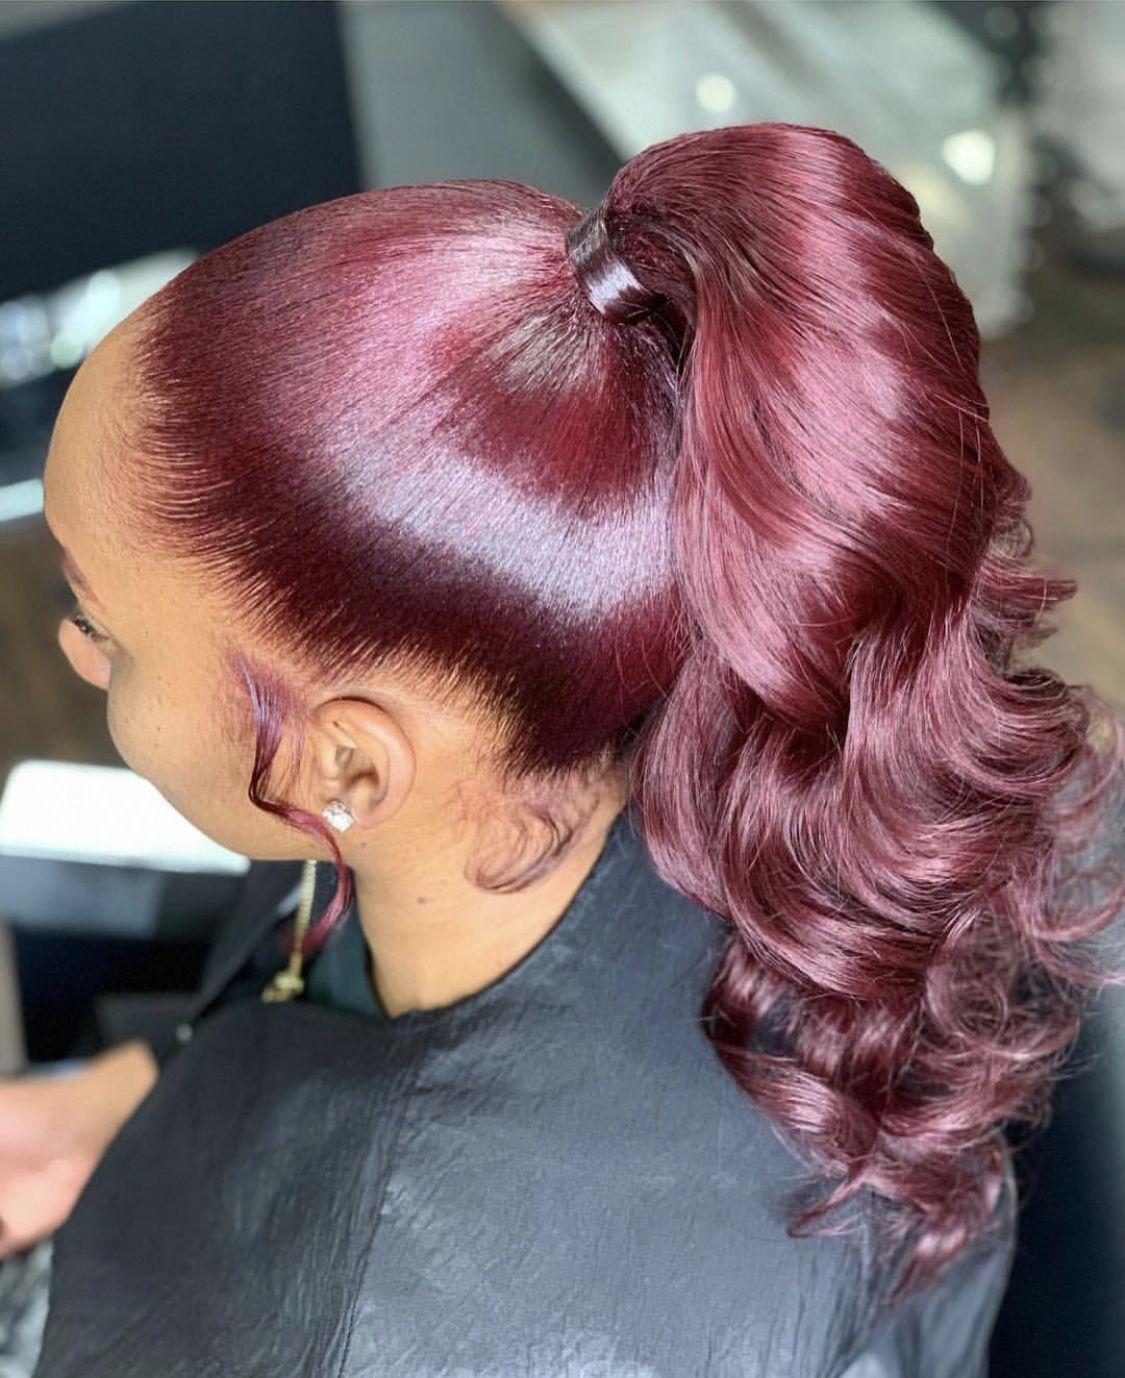 Ponytail 😍 High ponytail hairstyles, Ponytail styles